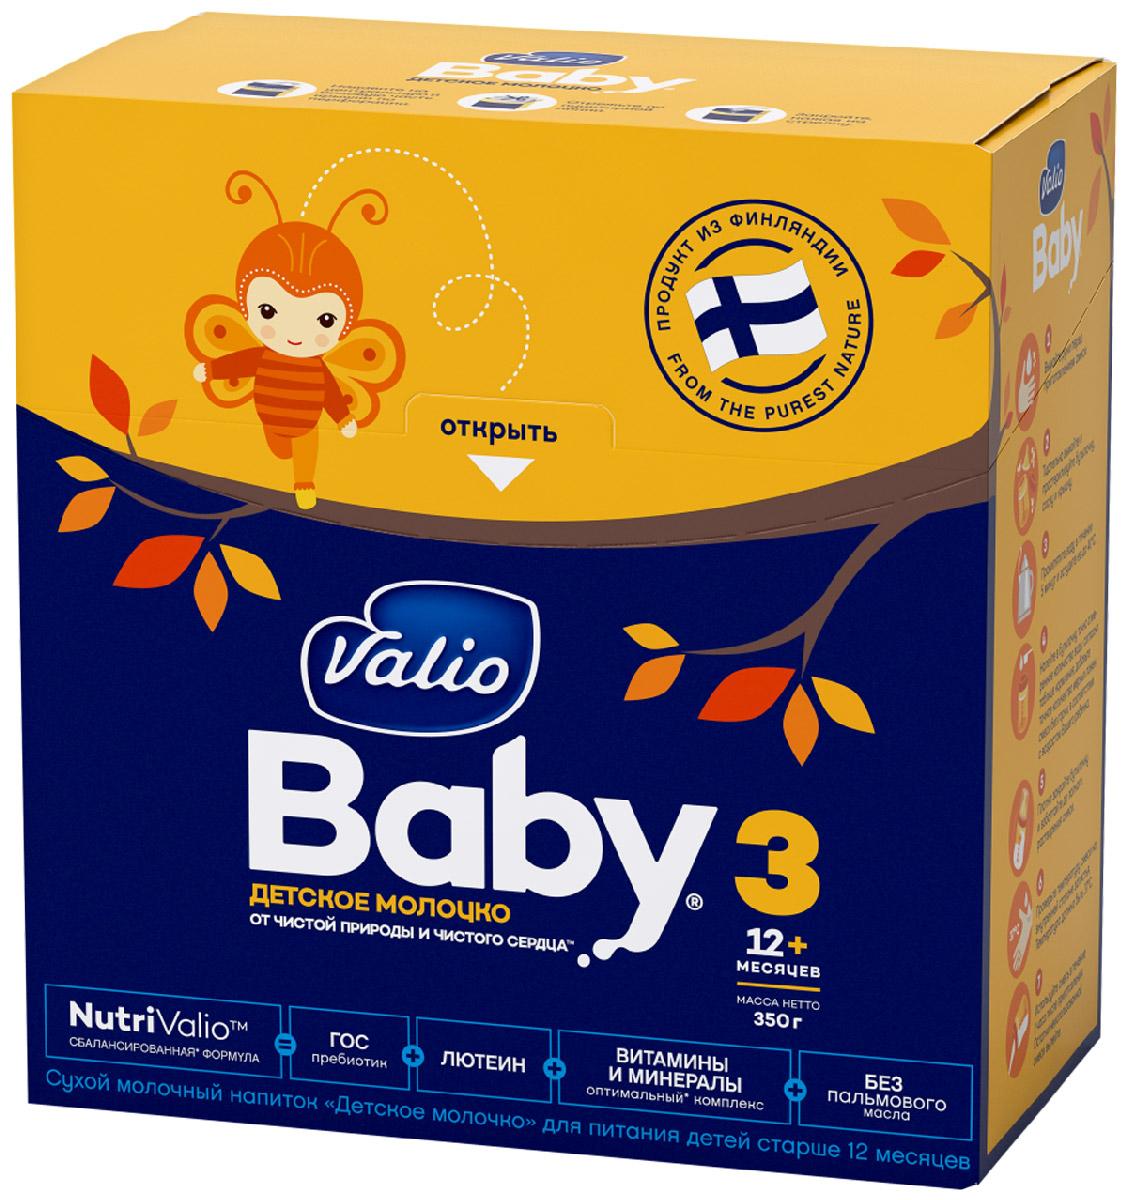 Valio Baby 3 смесь молочная с 12 месяцев, 350 г207042Сбалансированное питание является очень важным фактором в гармоничном развитии малыша особенно в первое полугодие жизни. В случае если грудное вскармливание невозможно, сухая детская молочная смесь Valio Baby 3 будет оптимальным выбором.